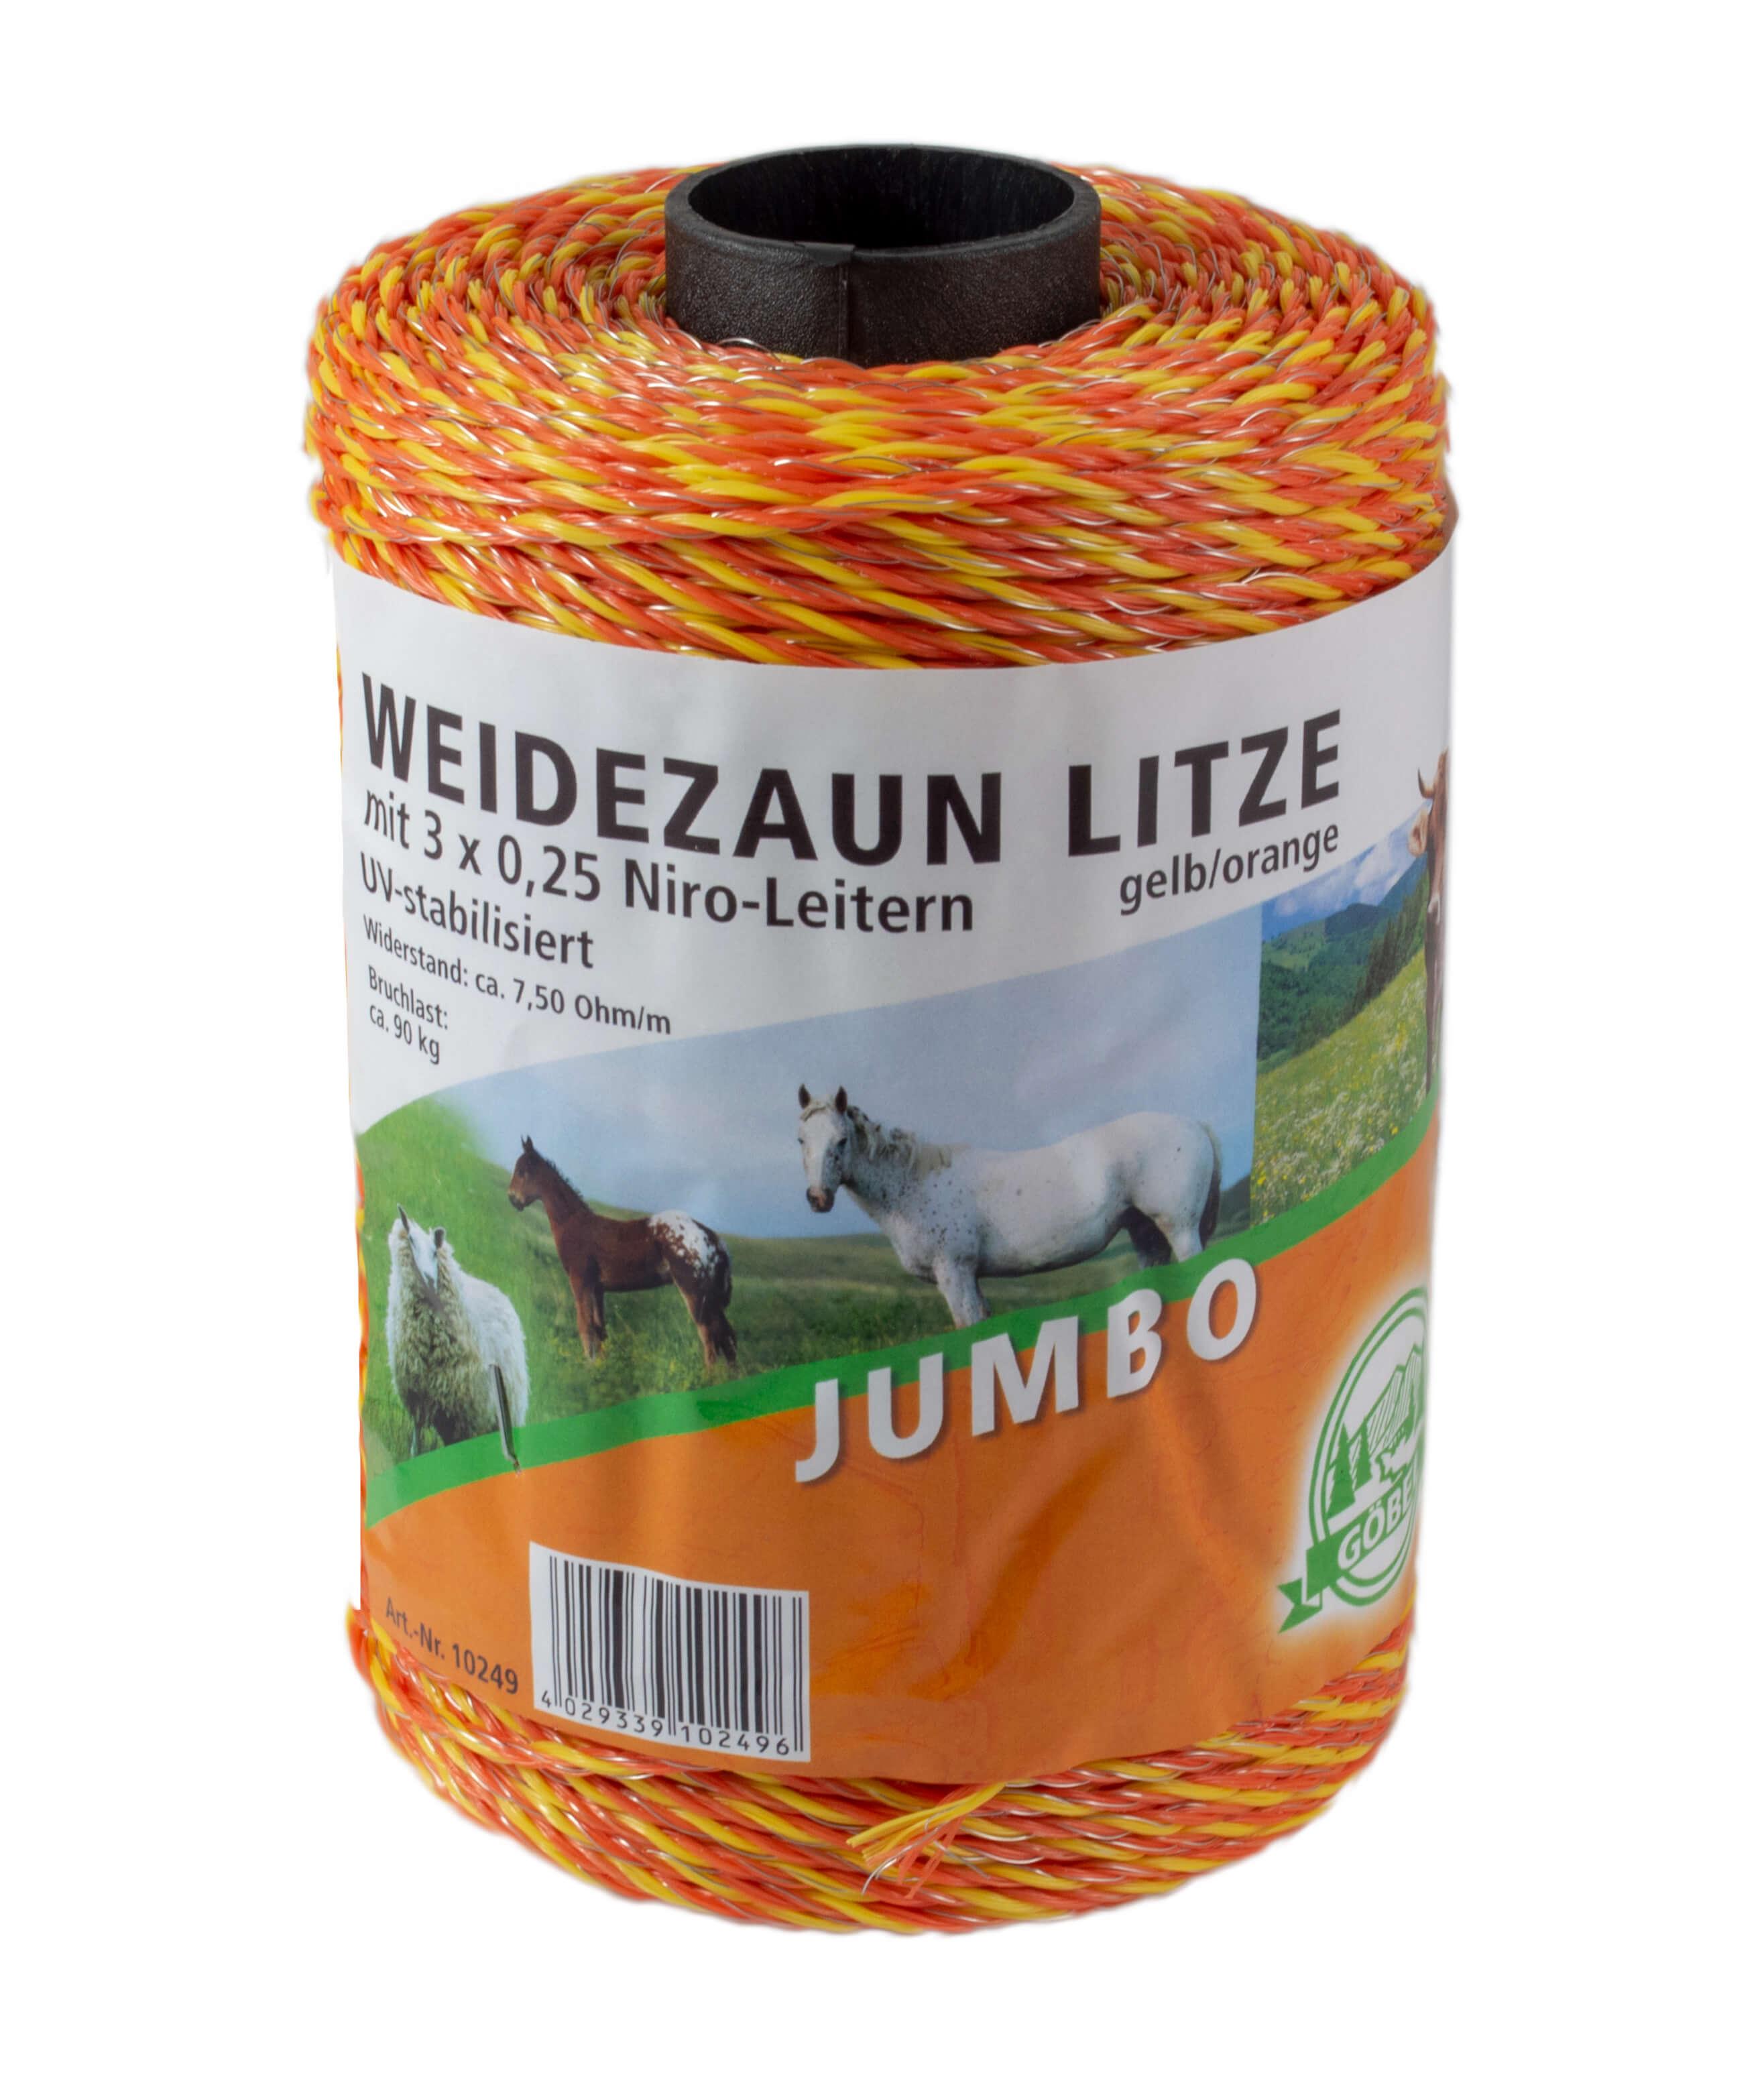 Göbel Jumbo Weidezaunlitze orange 250m Litze gelb